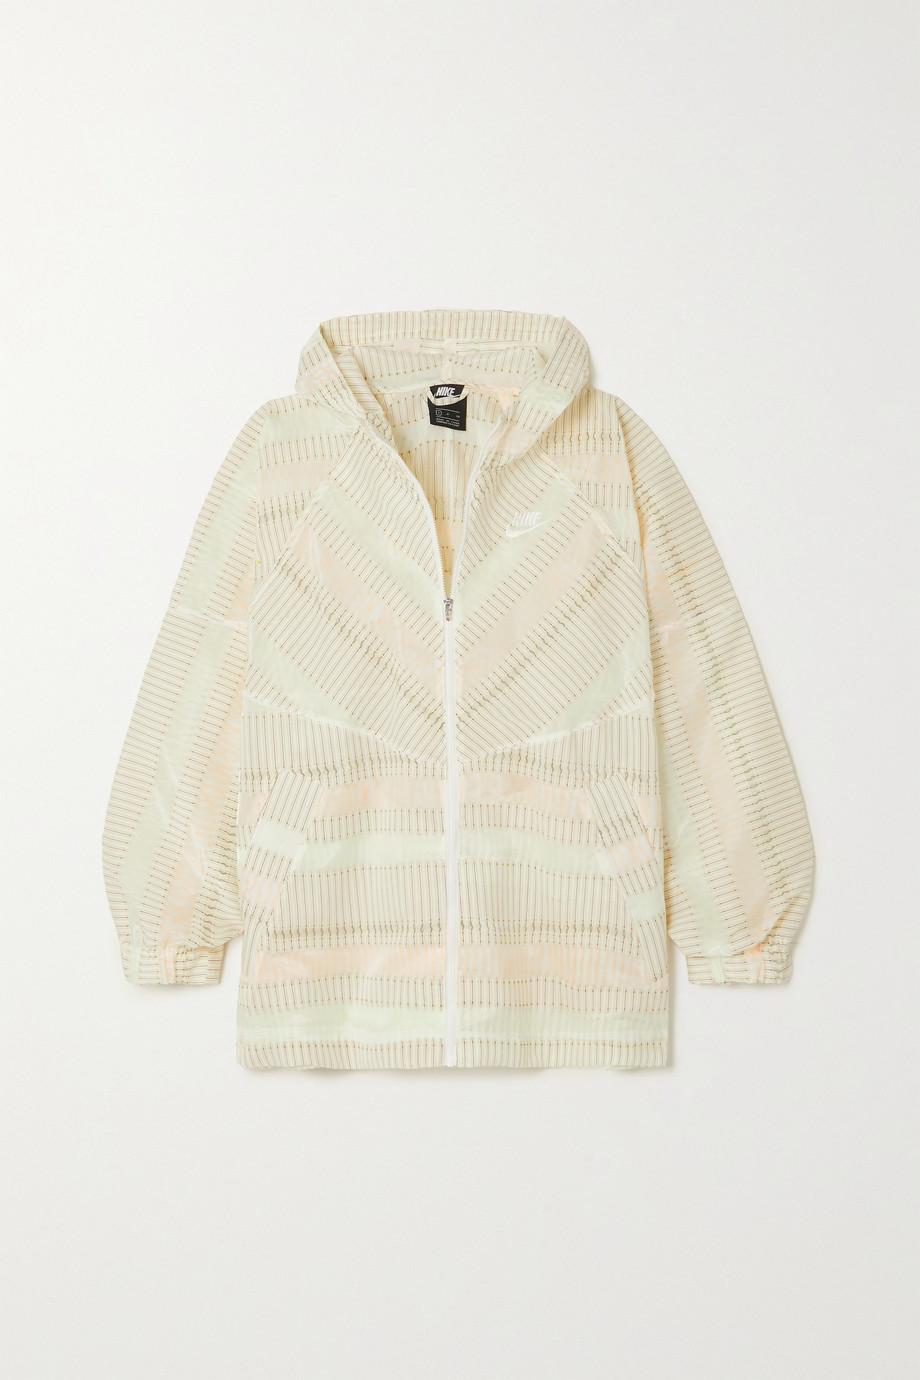 Nike Windrunner oversized recycled jacquard jacket